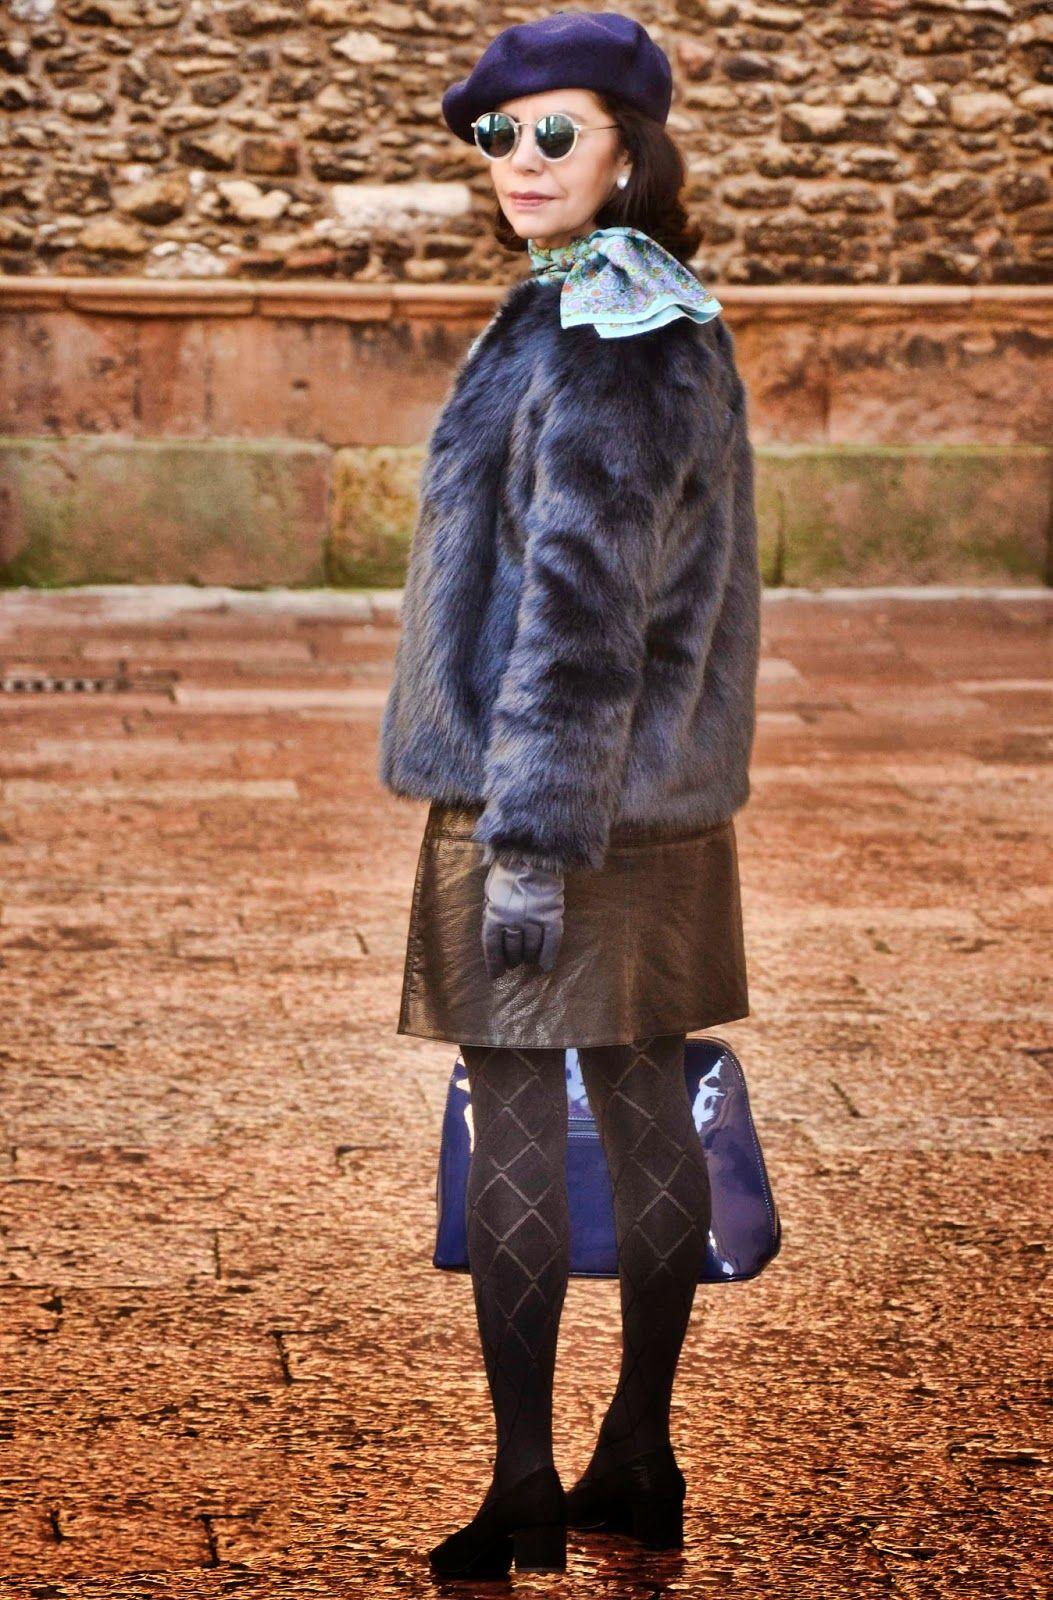 El capricho de Marquez@: Vestida de trotamundos